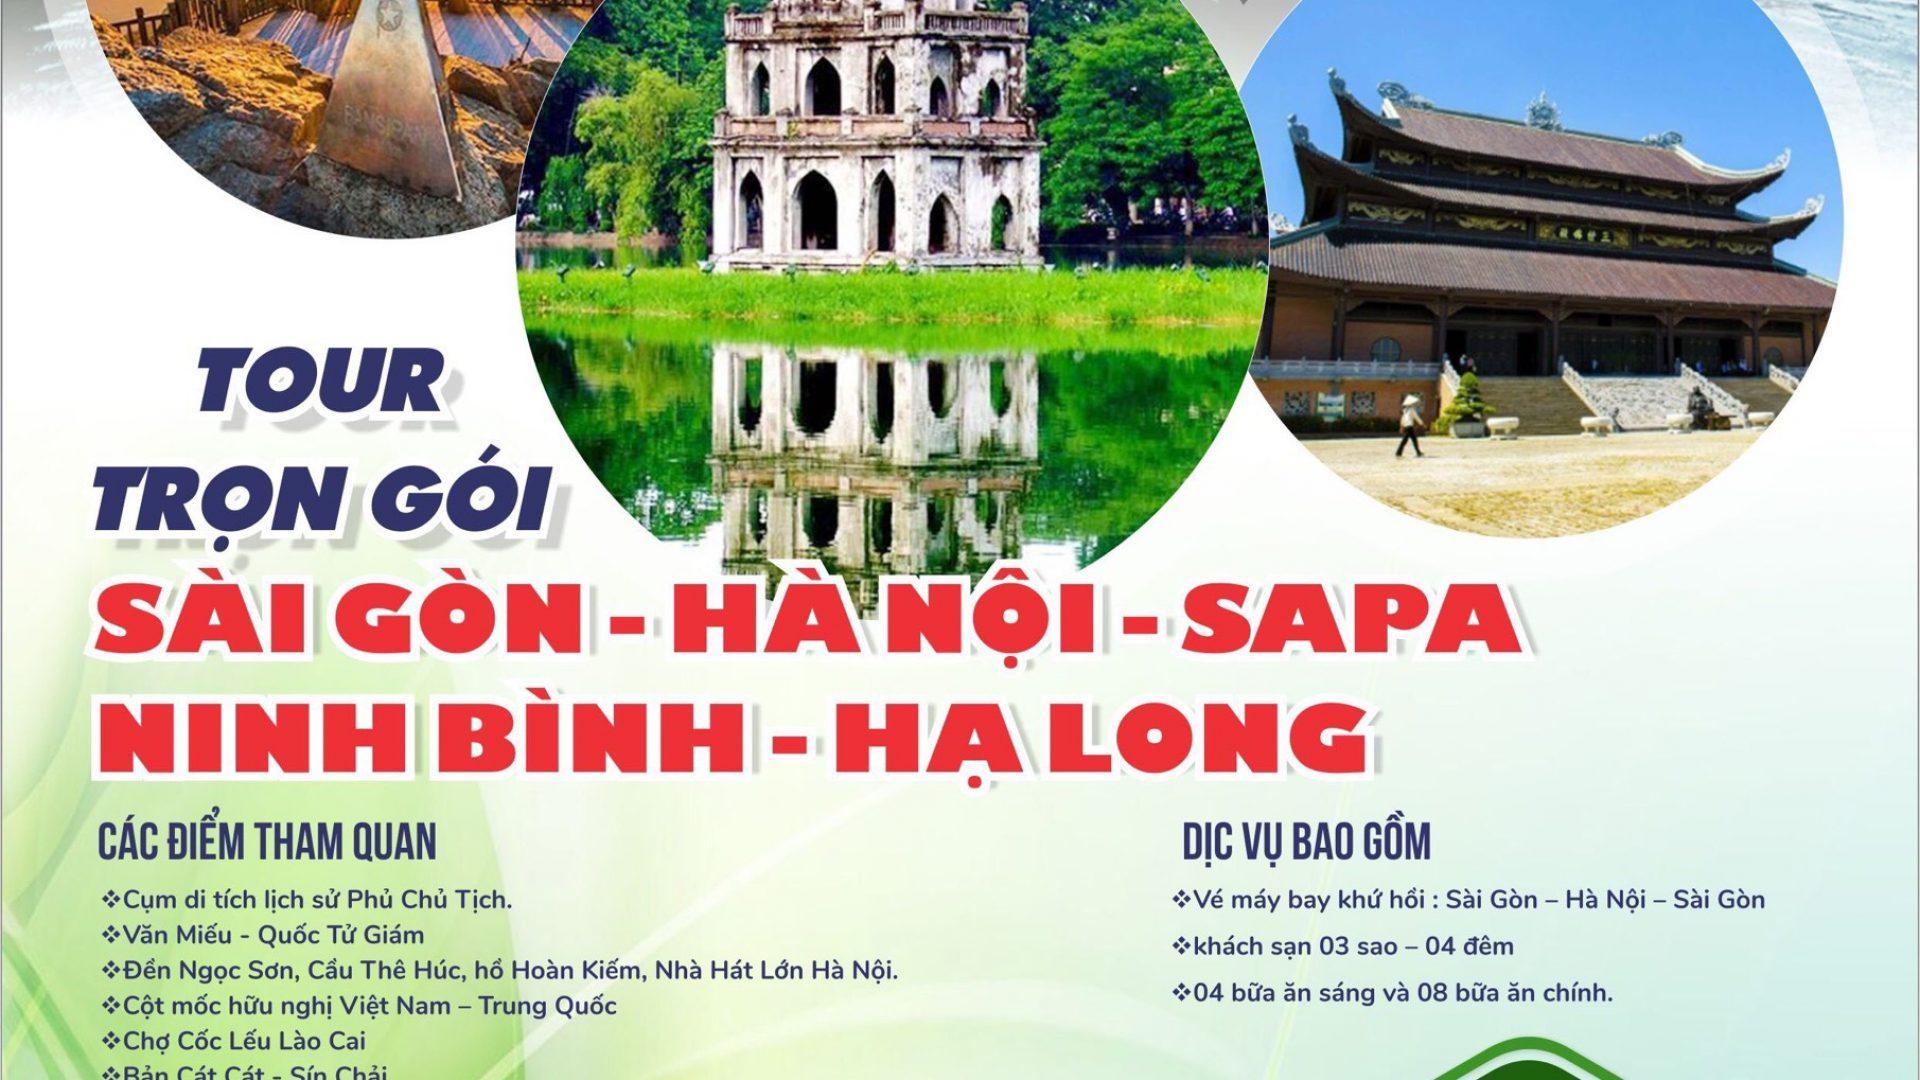 Tour Sai Gon Ha Noi Thu tu hàng tuan